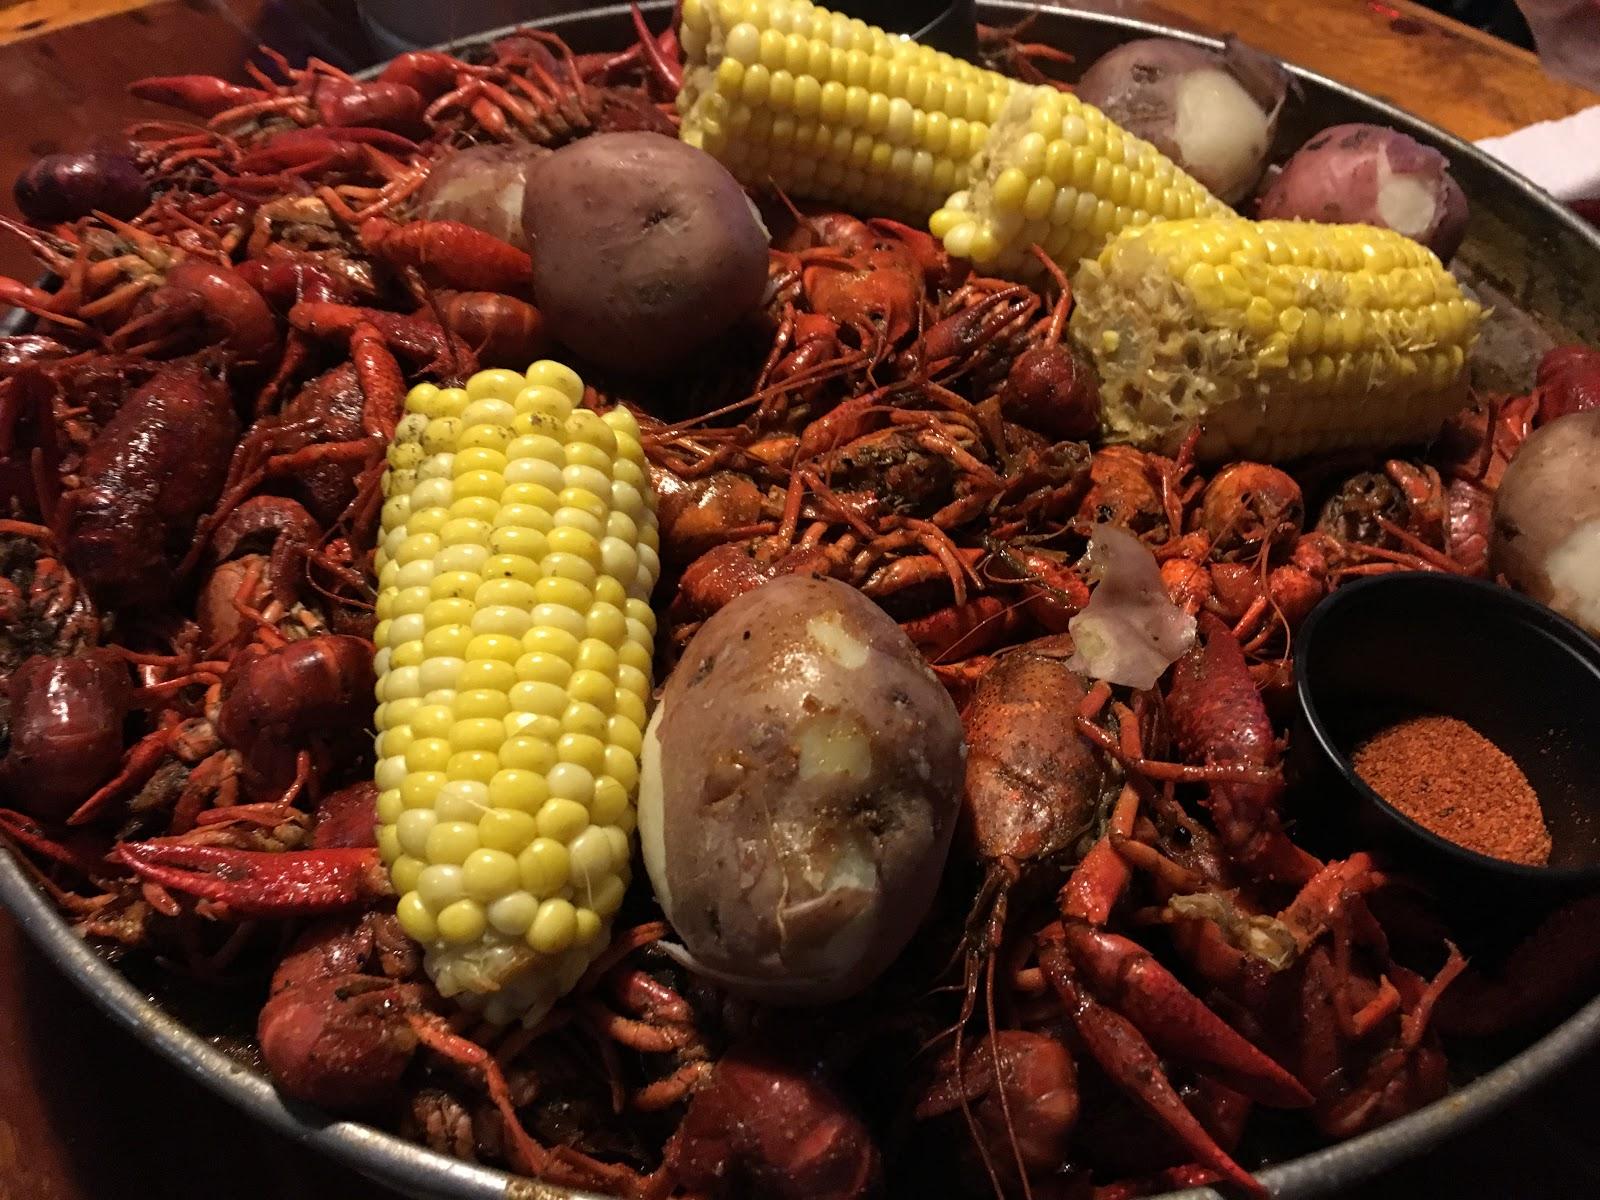 Crawfish, crawfish boil, corn, crawfish season, Crazy Alan's Swamp Shack Kemah Texas